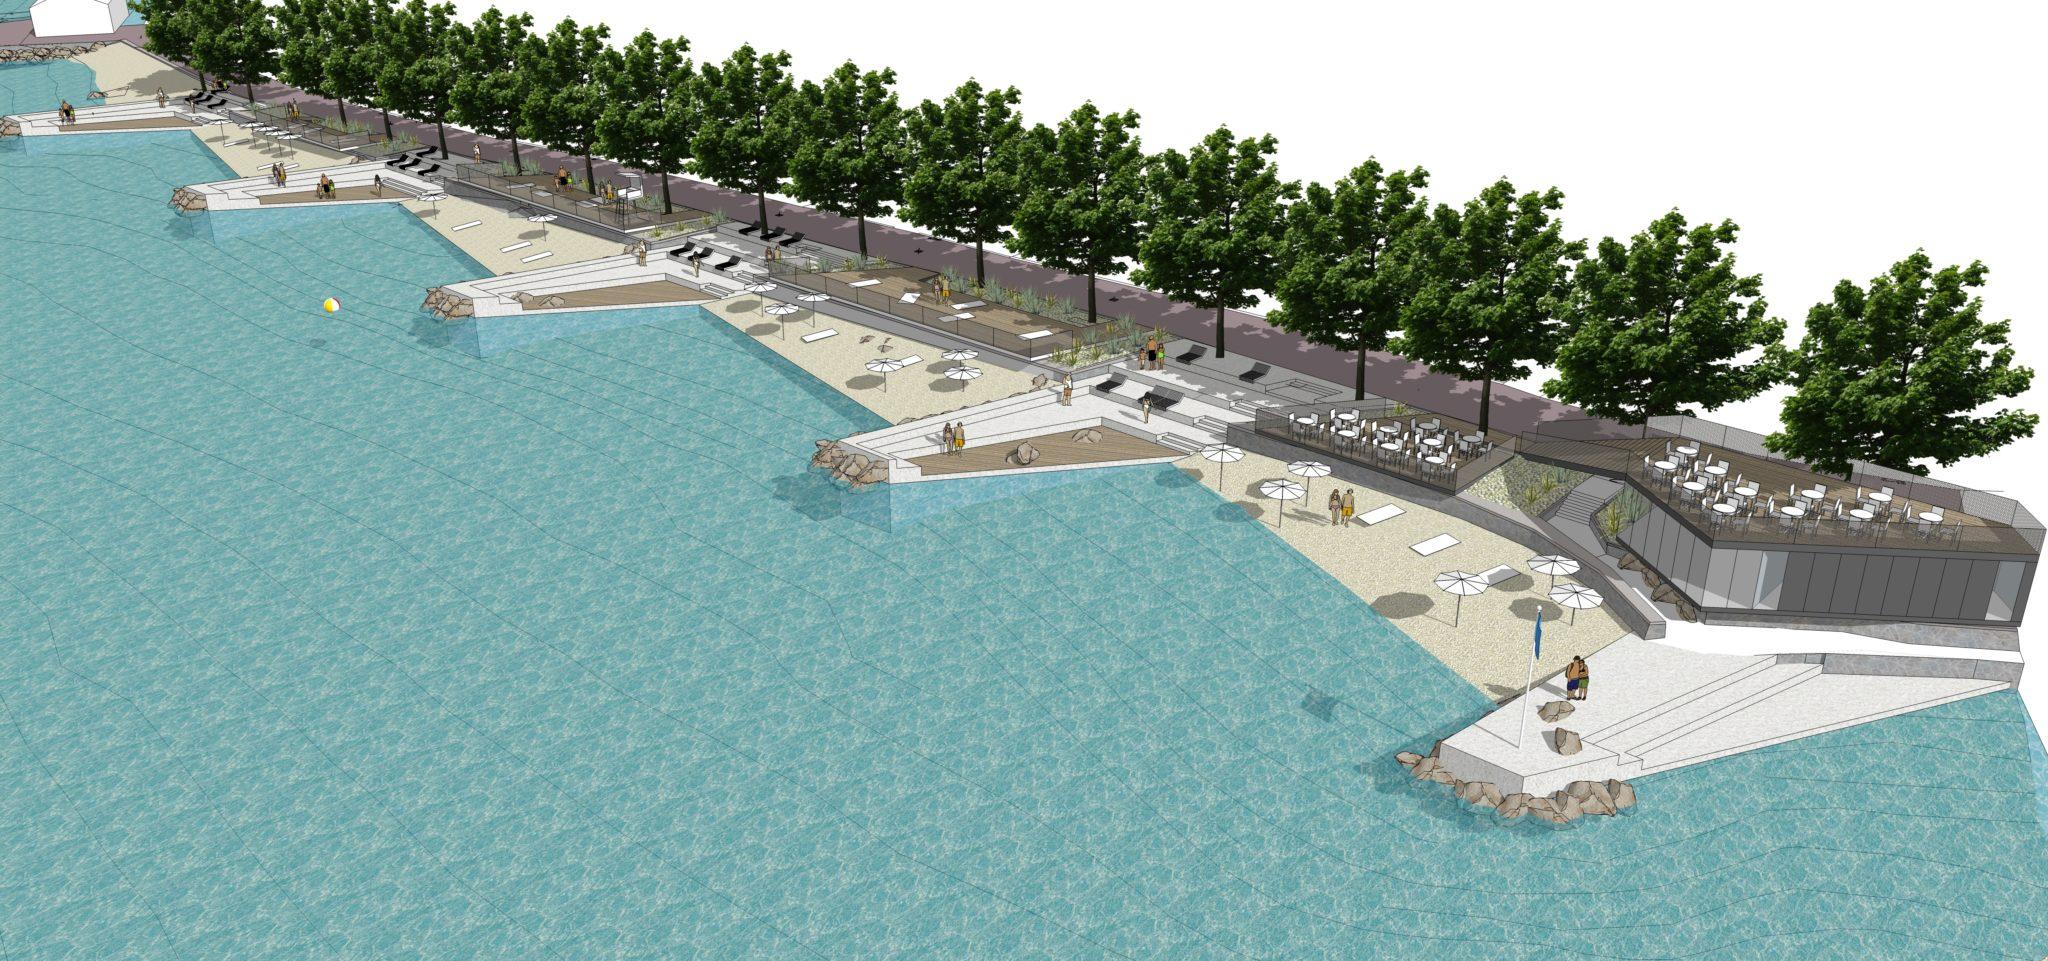 Javno izlaganje idejnog projekta za uređenje plaže Vruja u Malinskoj